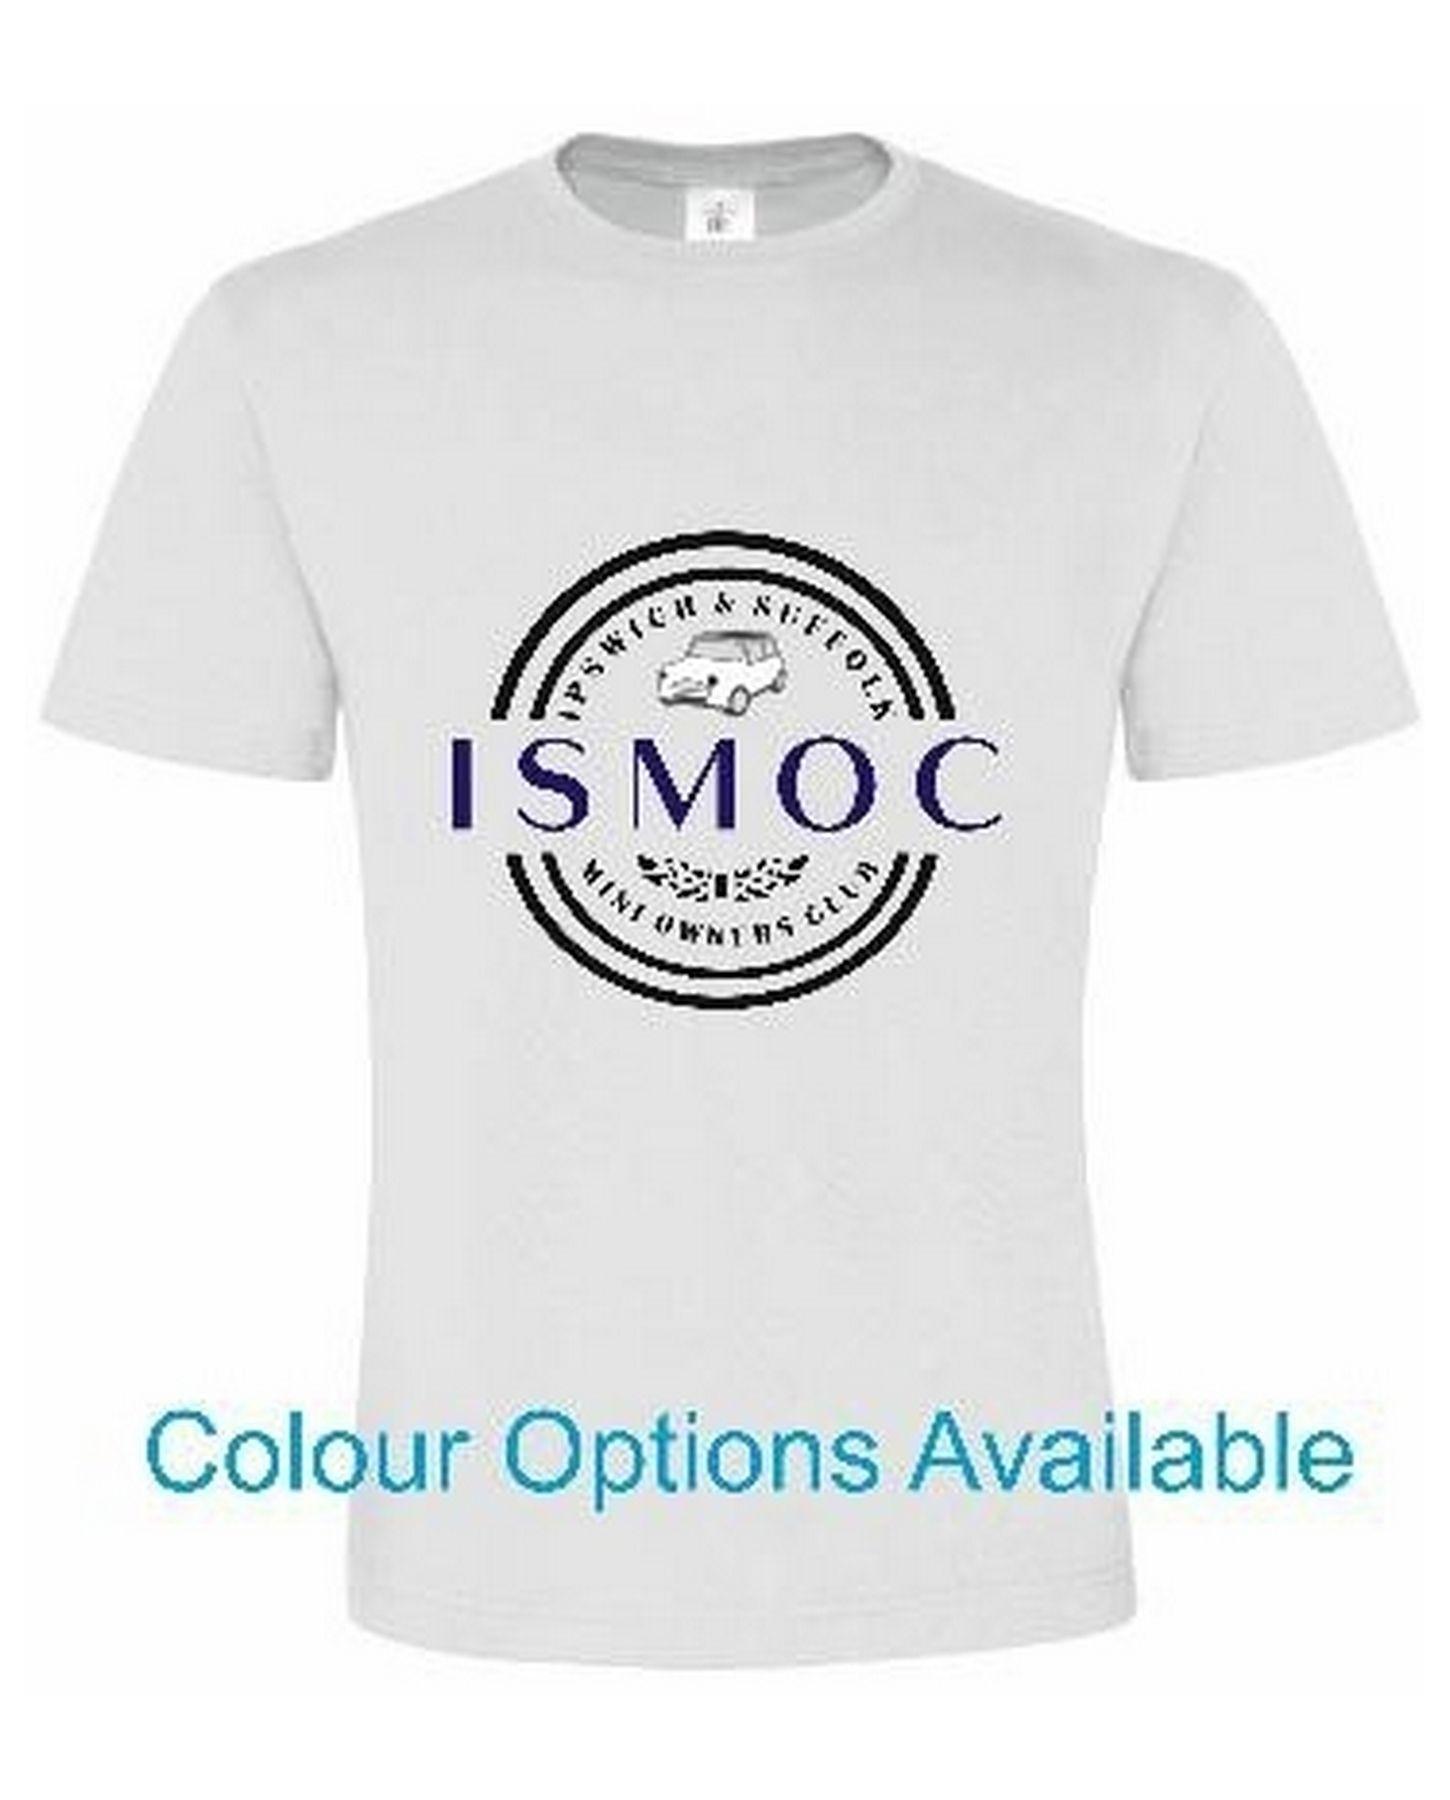 ISMOC – Premium Tee